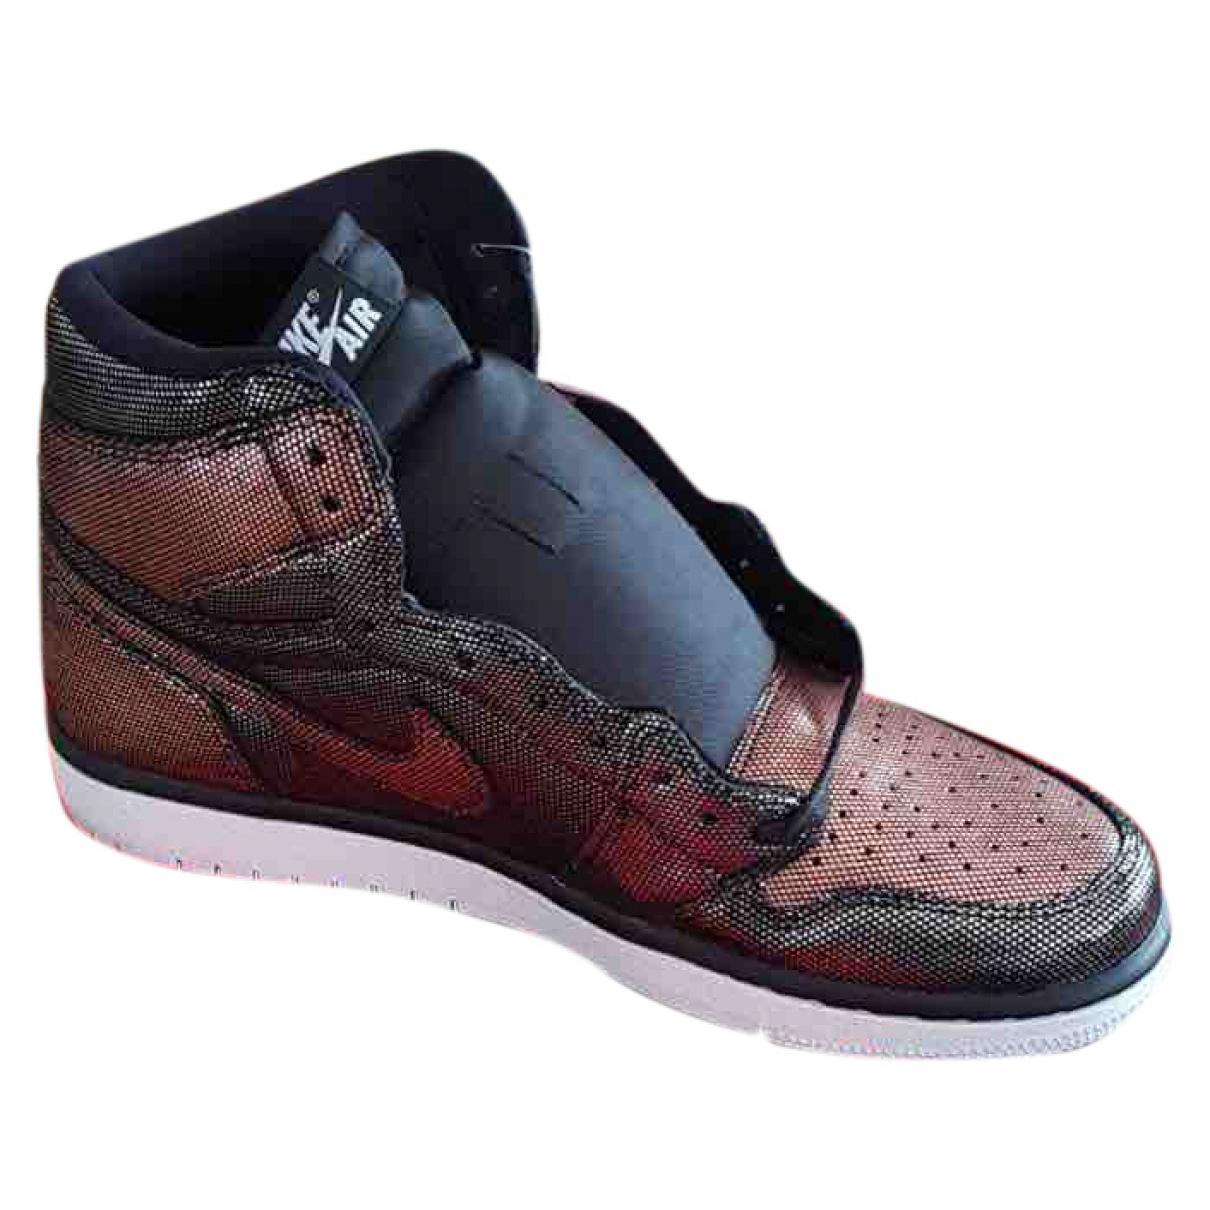 Jordan - Baskets Air Jordan 1  pour femme en cuir verni - noir